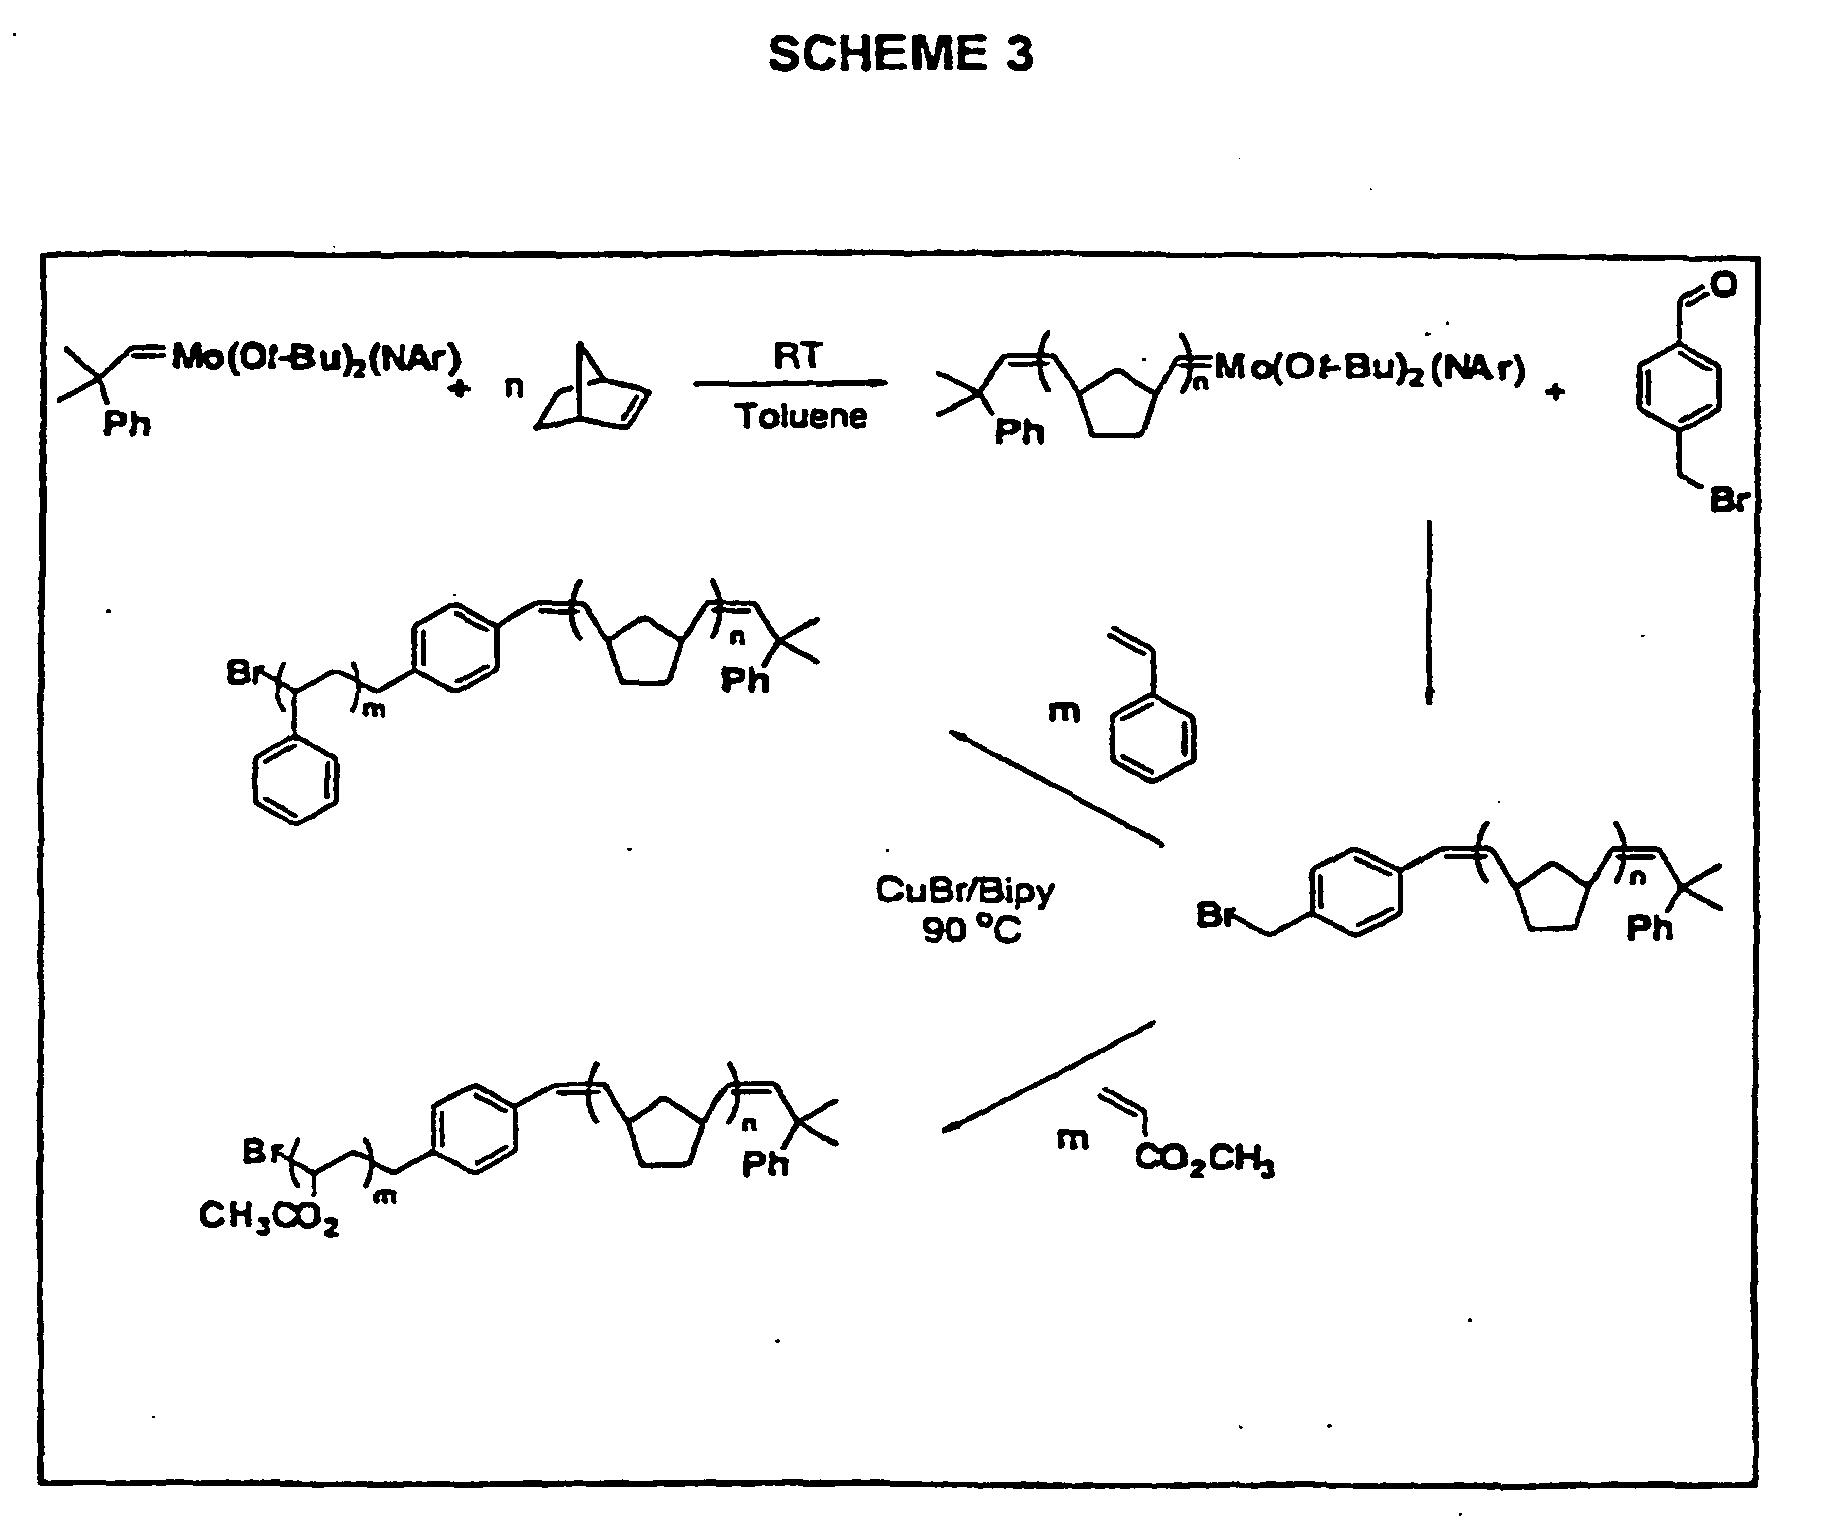 cyclic olefin copolymer synthesis essay